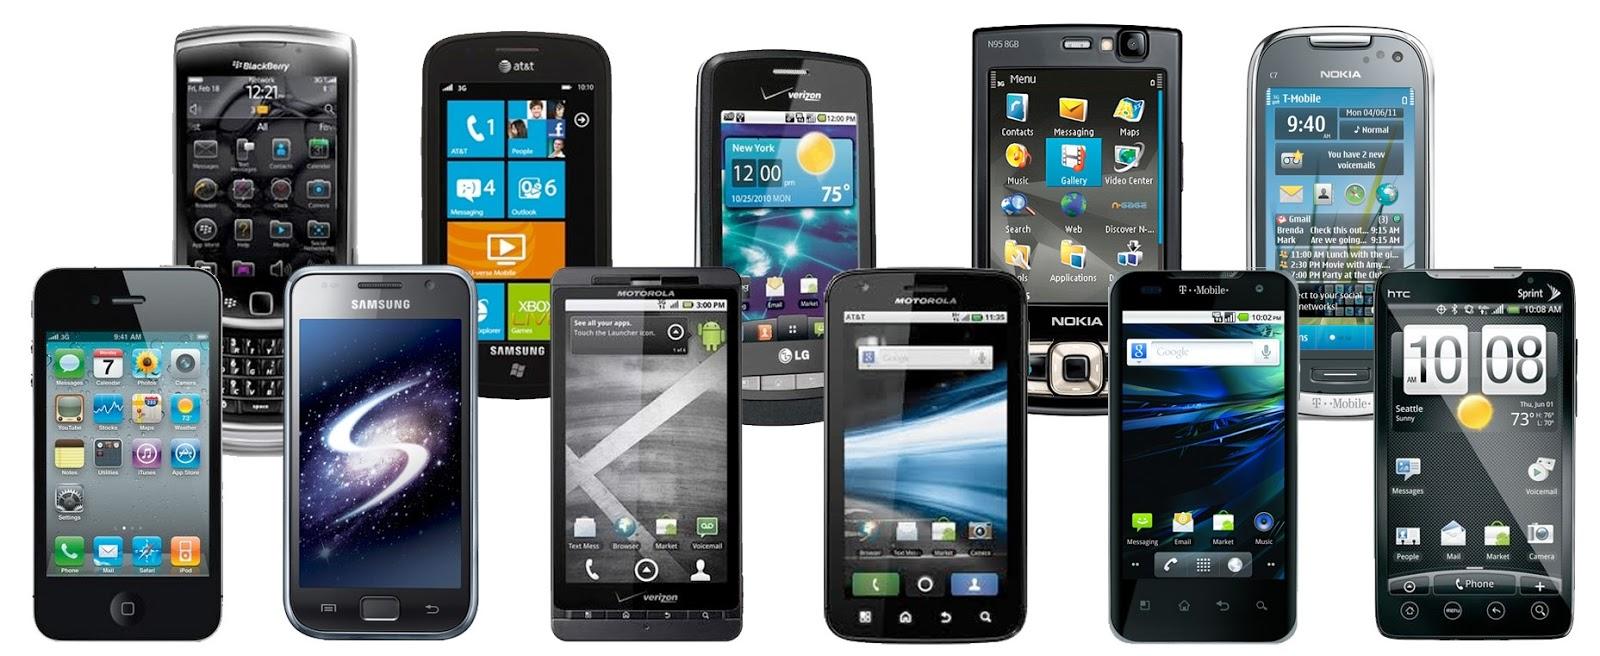 Pilihan Smartphone Di Itc Roxy Mas Sesuai Kebutuhan Dan Kemampuan